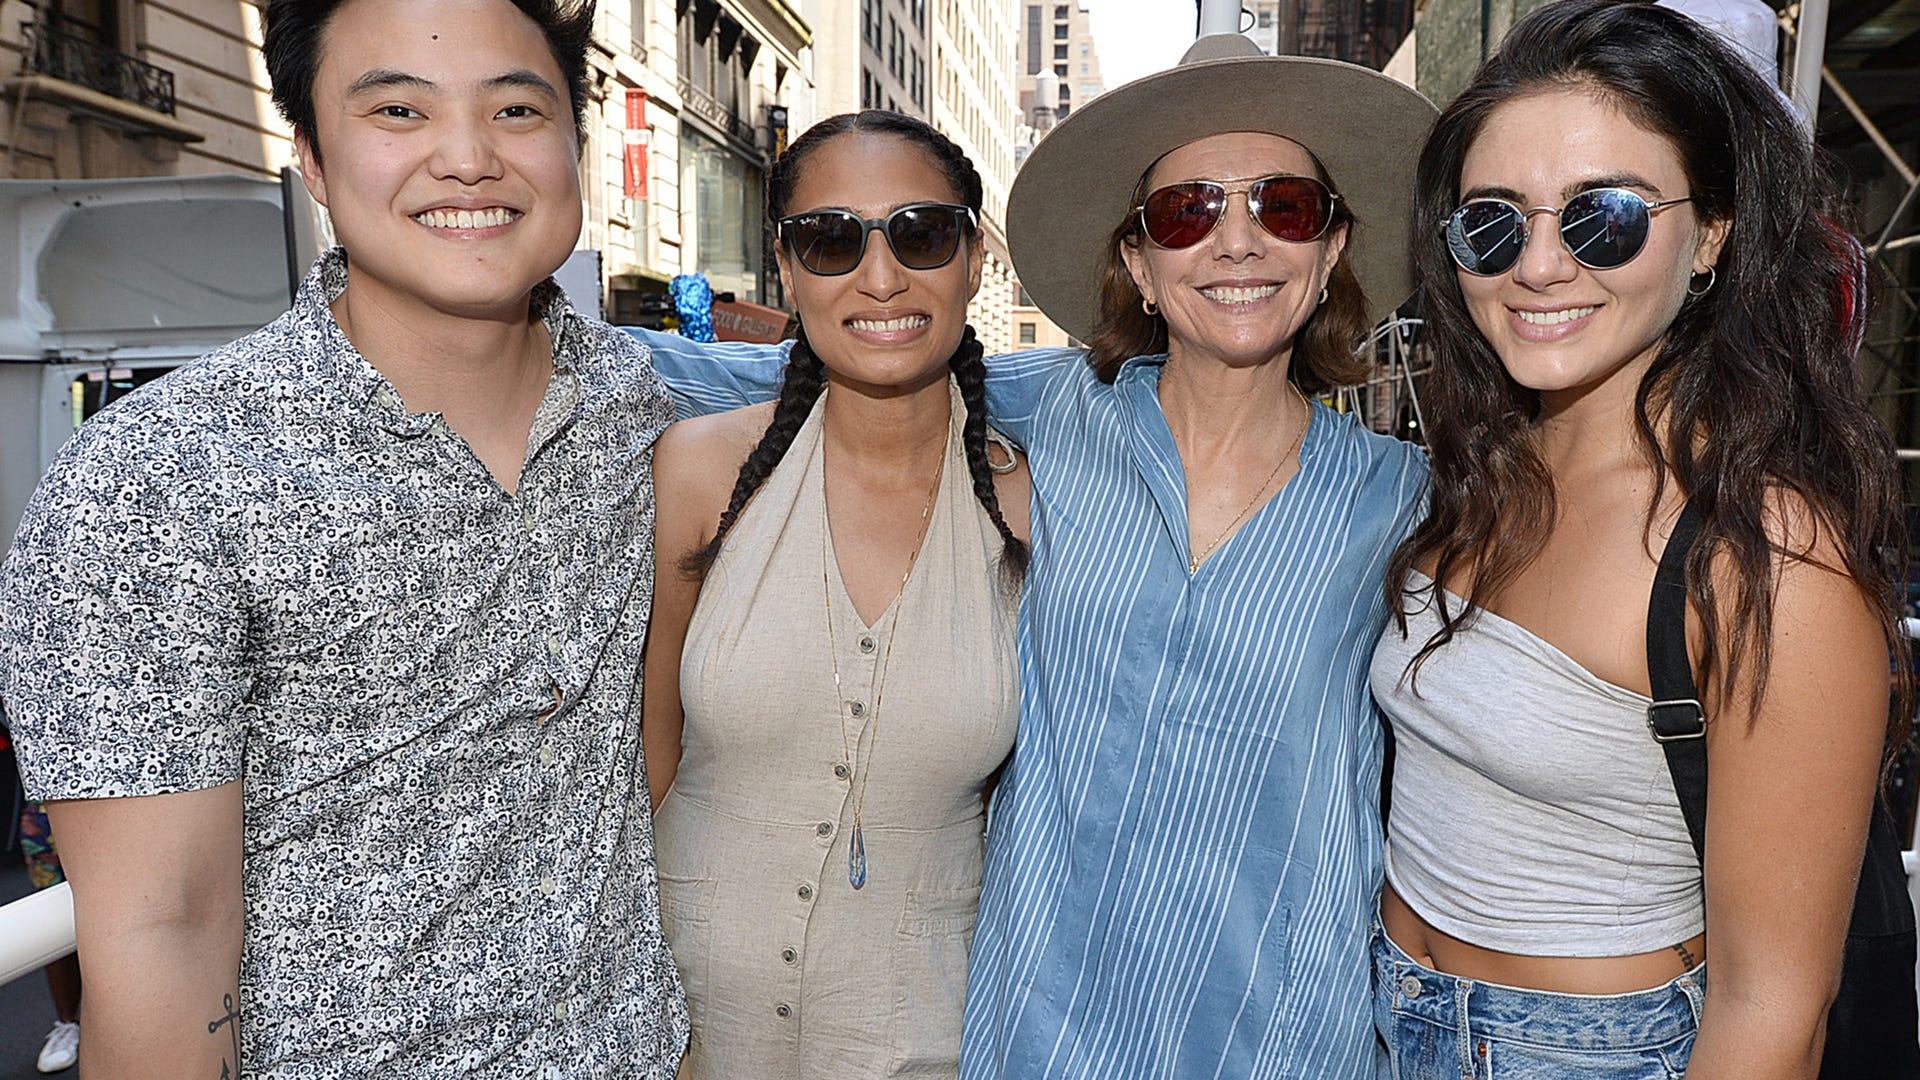 Leo Sheng, Rosanny Zayas, Ilene Chaiken, and Arienne Mandi